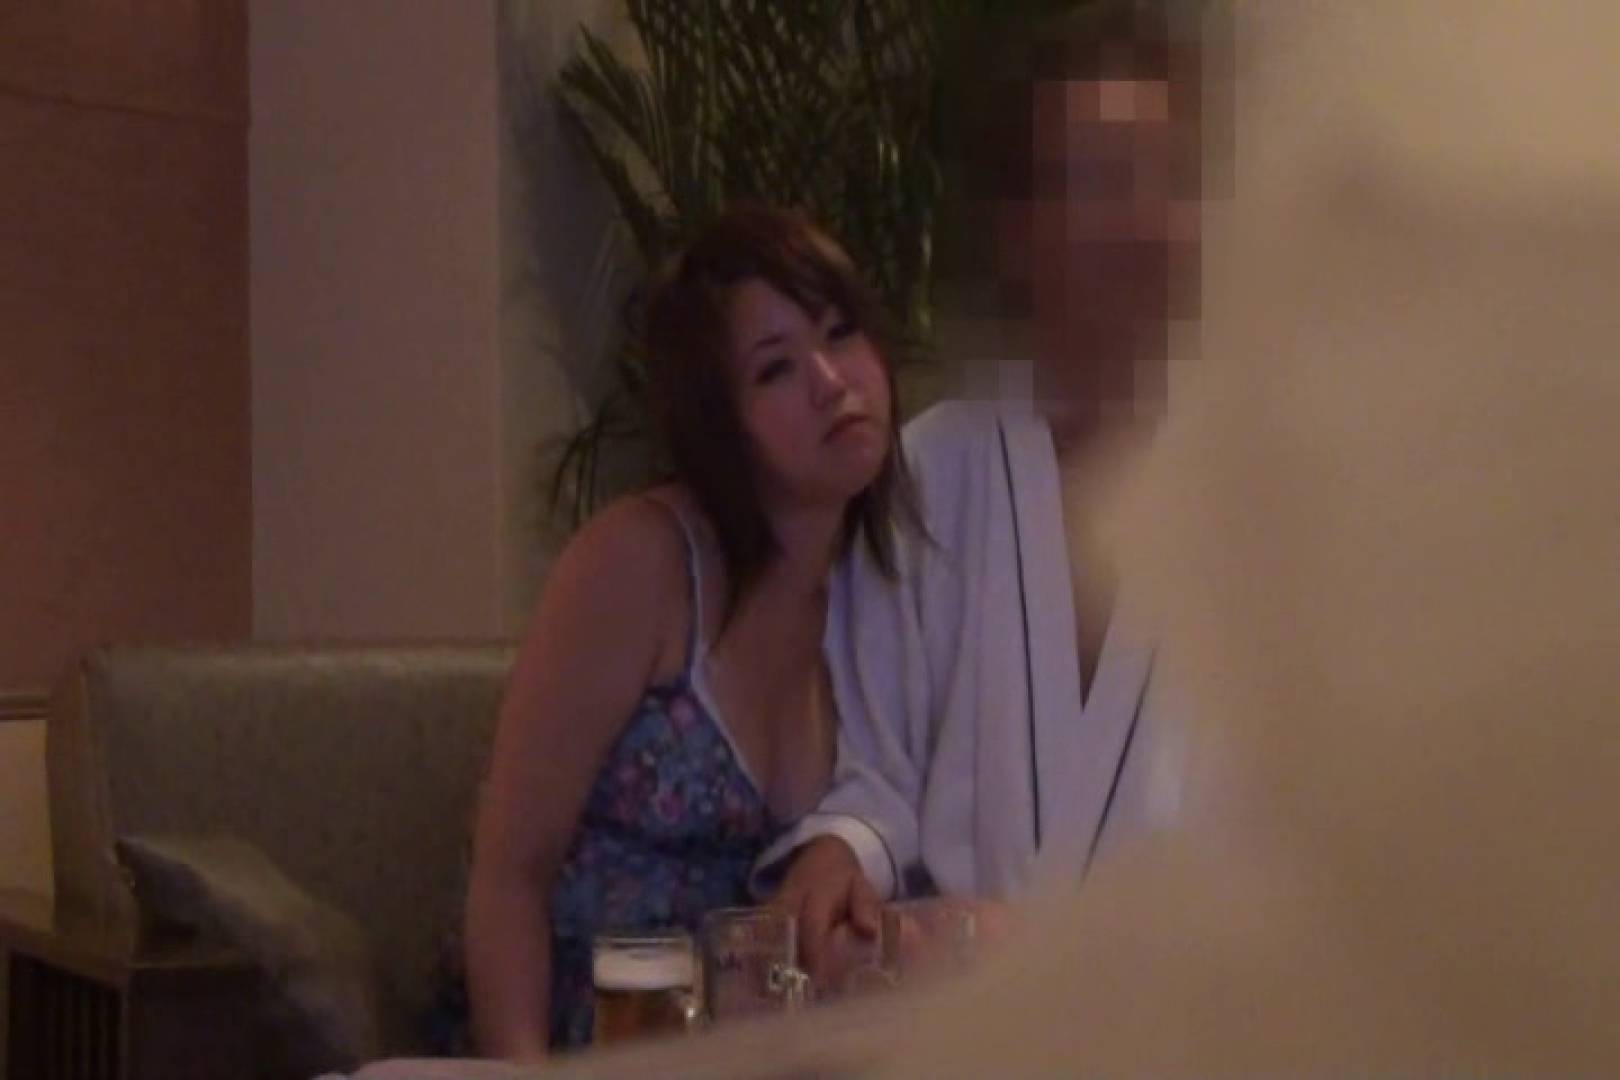 福岡援交 後編 イタズラ   シャワー  81pic 22